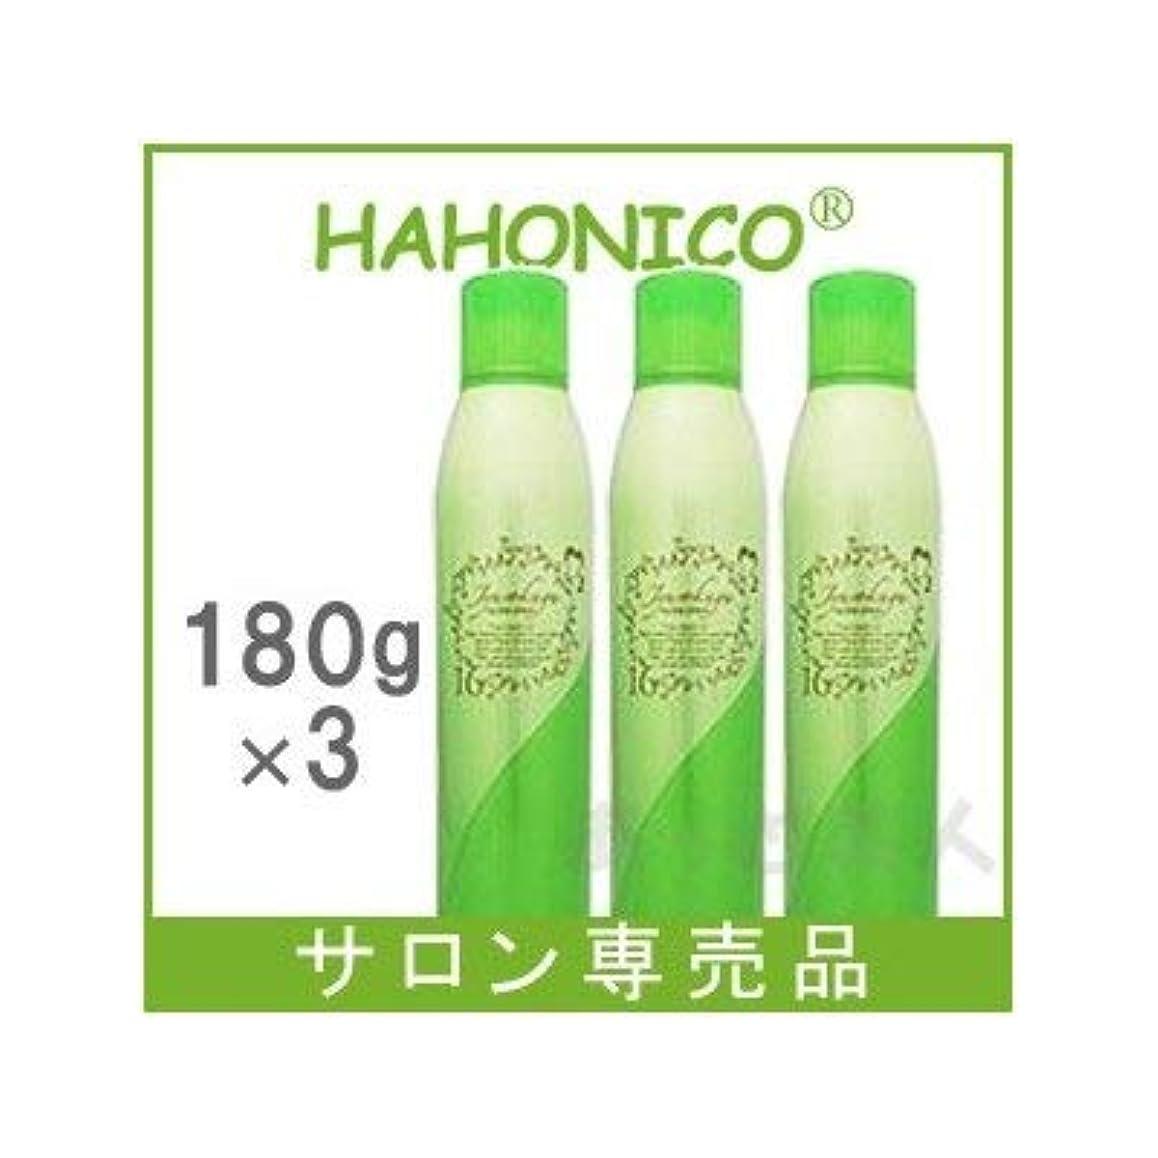 何でもスキャンダル増強する【X3個セット】 ハホニコ ジュウロクユ ツヤスプレー 180g 十六油 HAHONICO